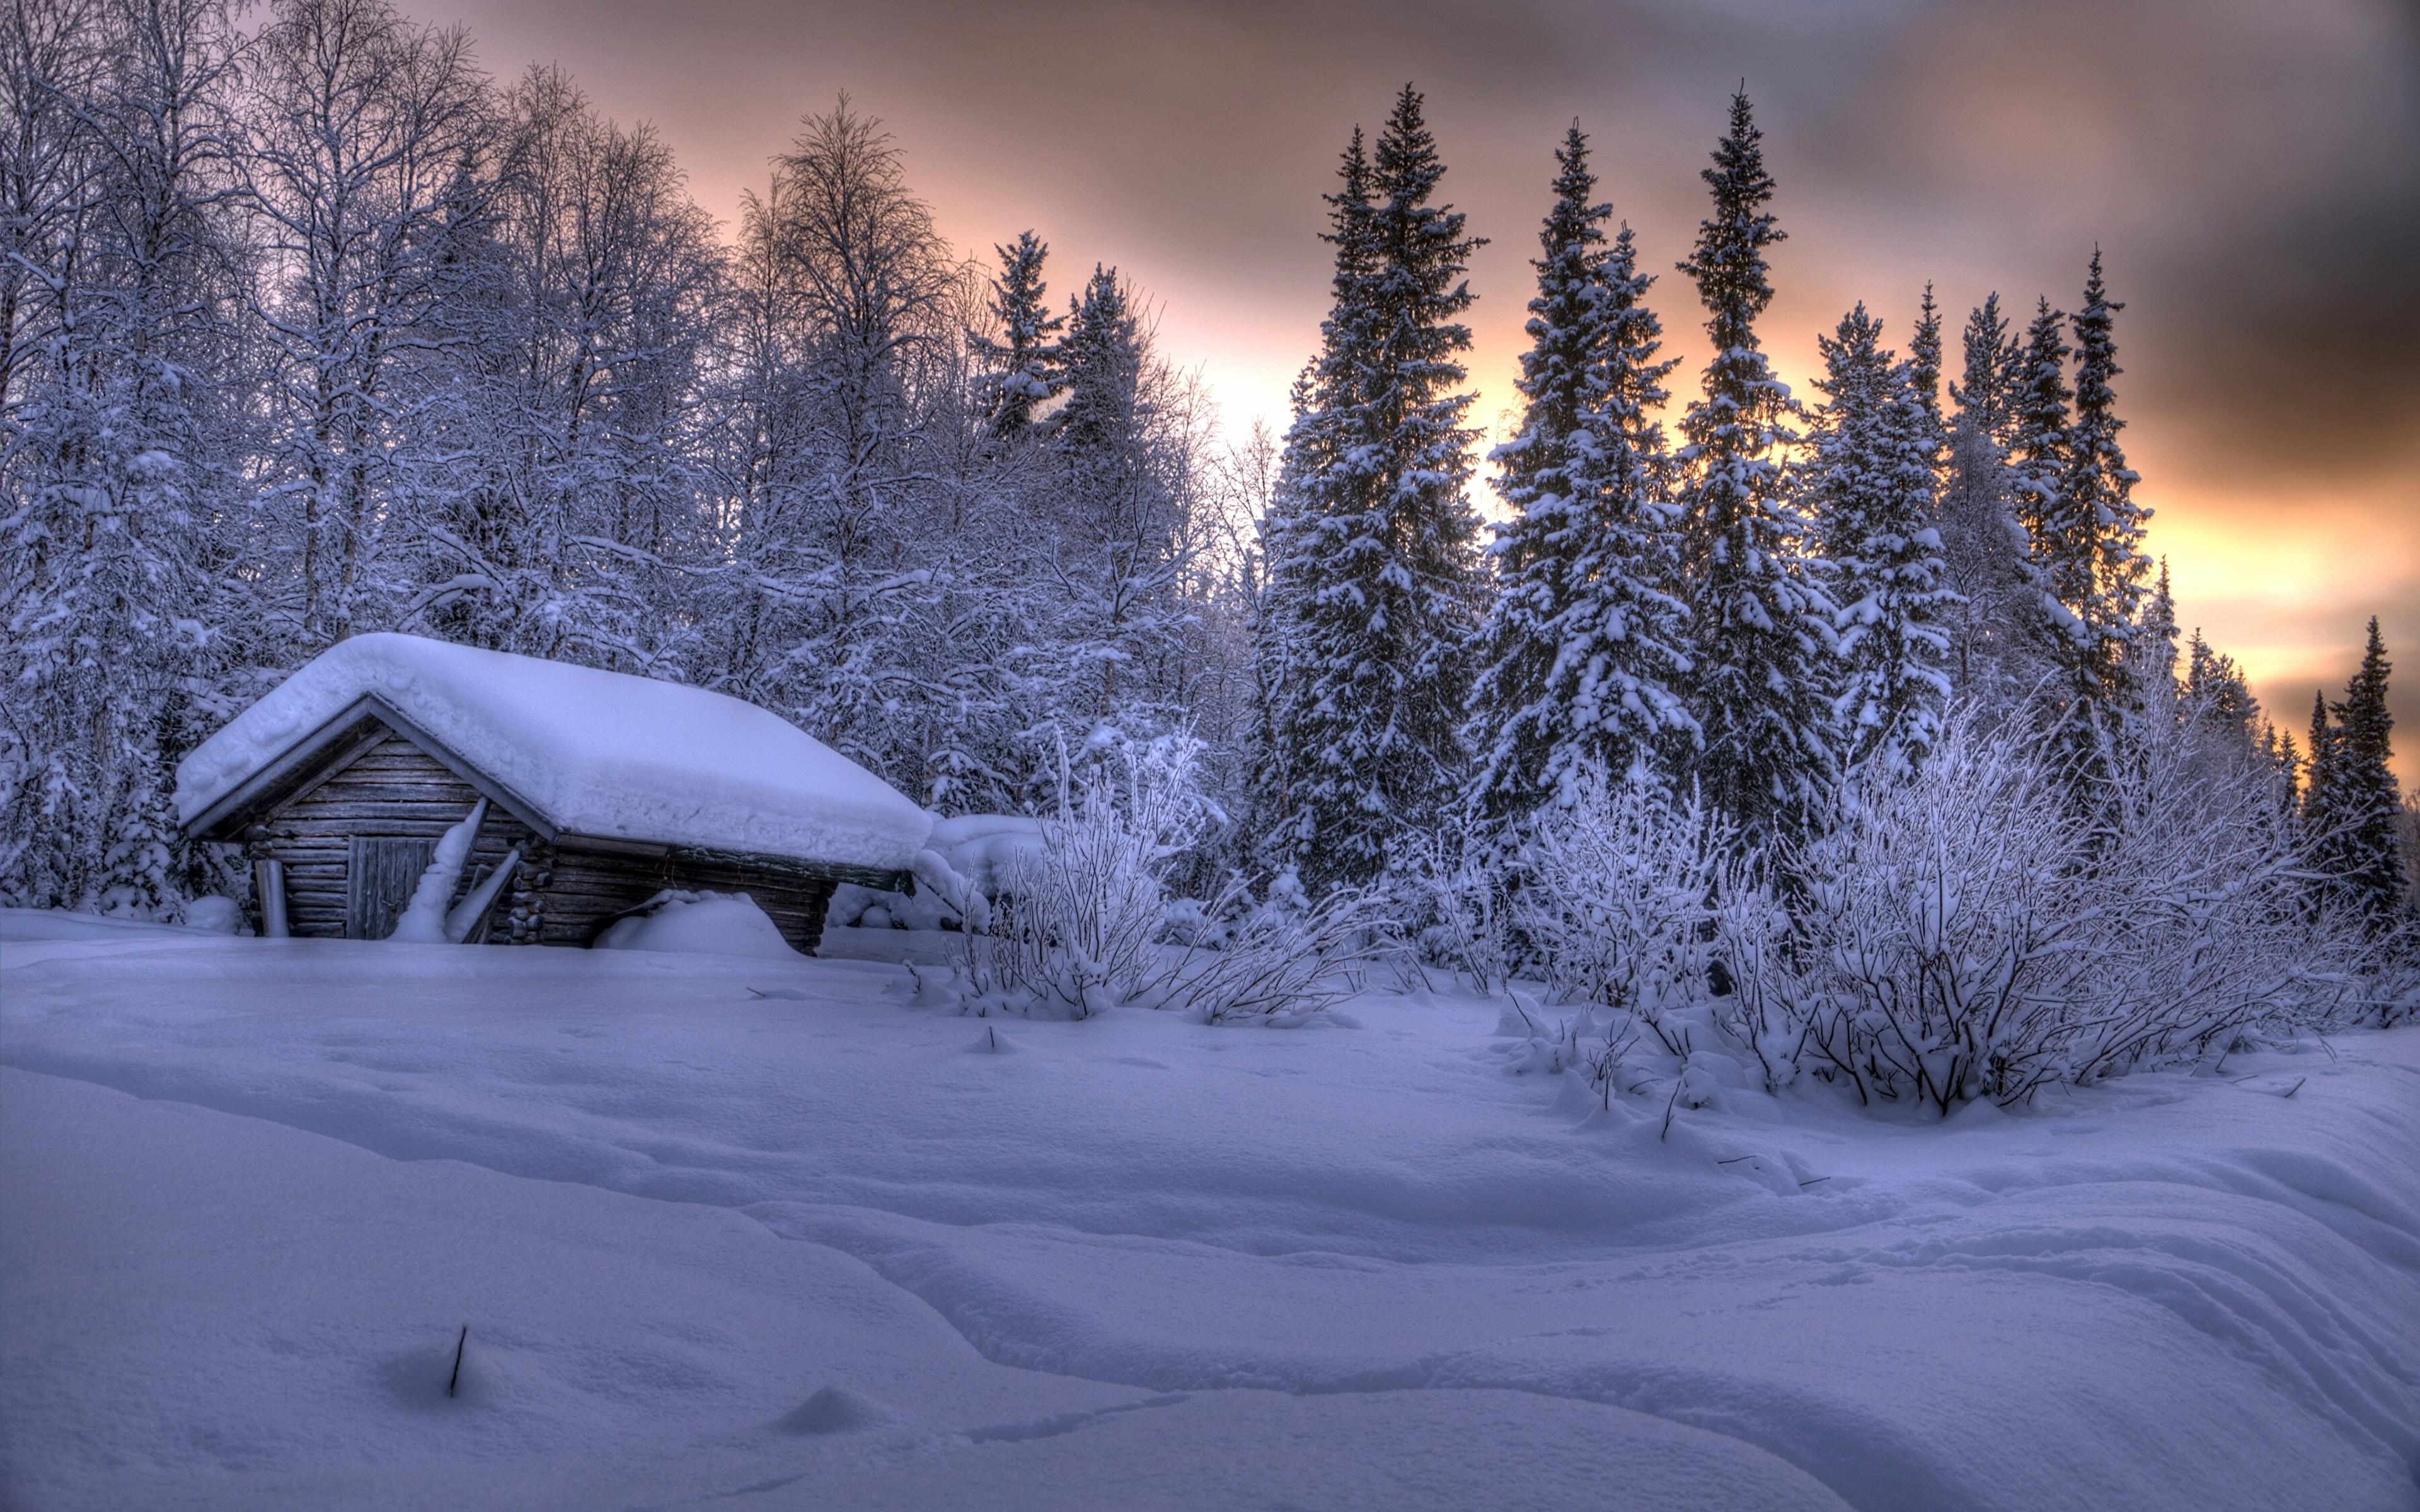 Заснеженный Финский домик без смс